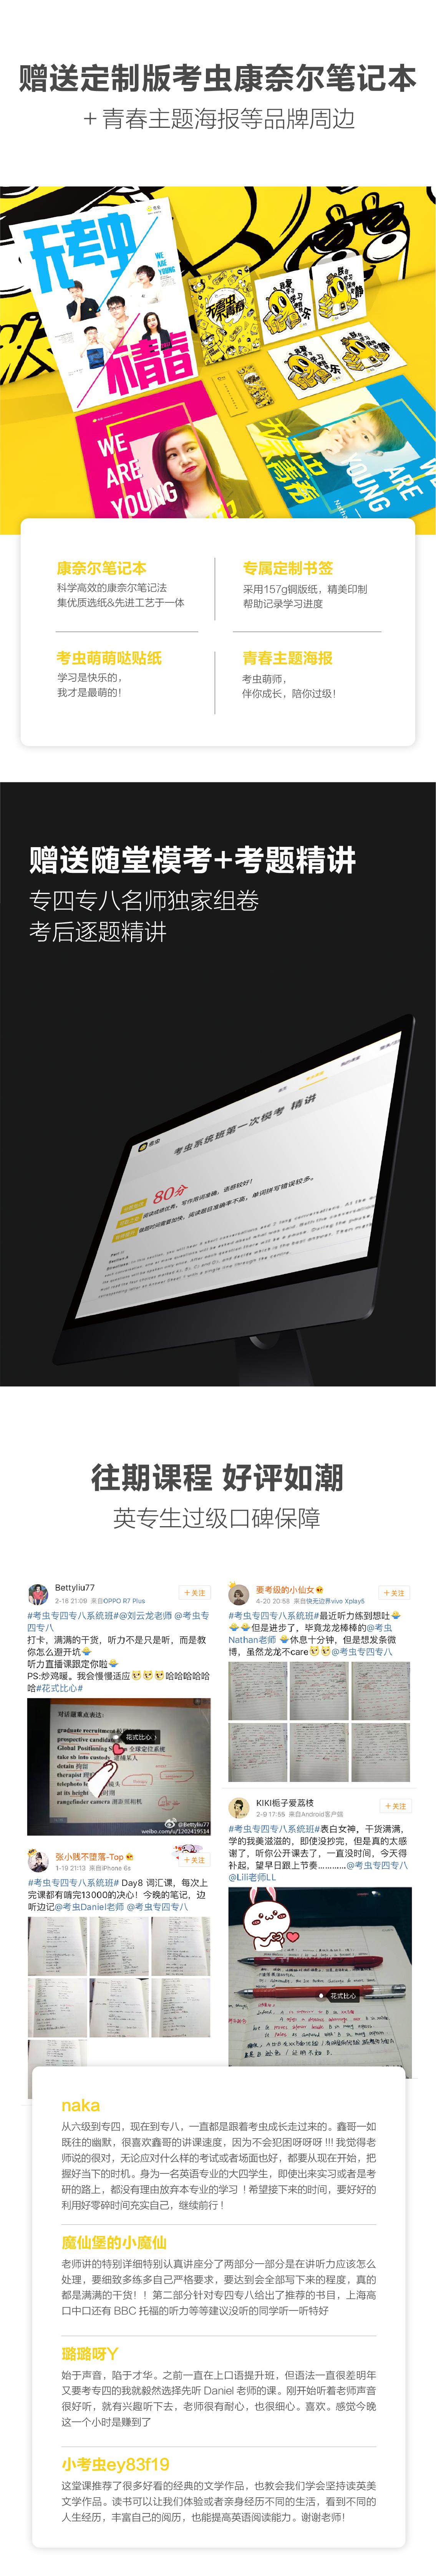 考虫专八系统班详情页-2017-03.png